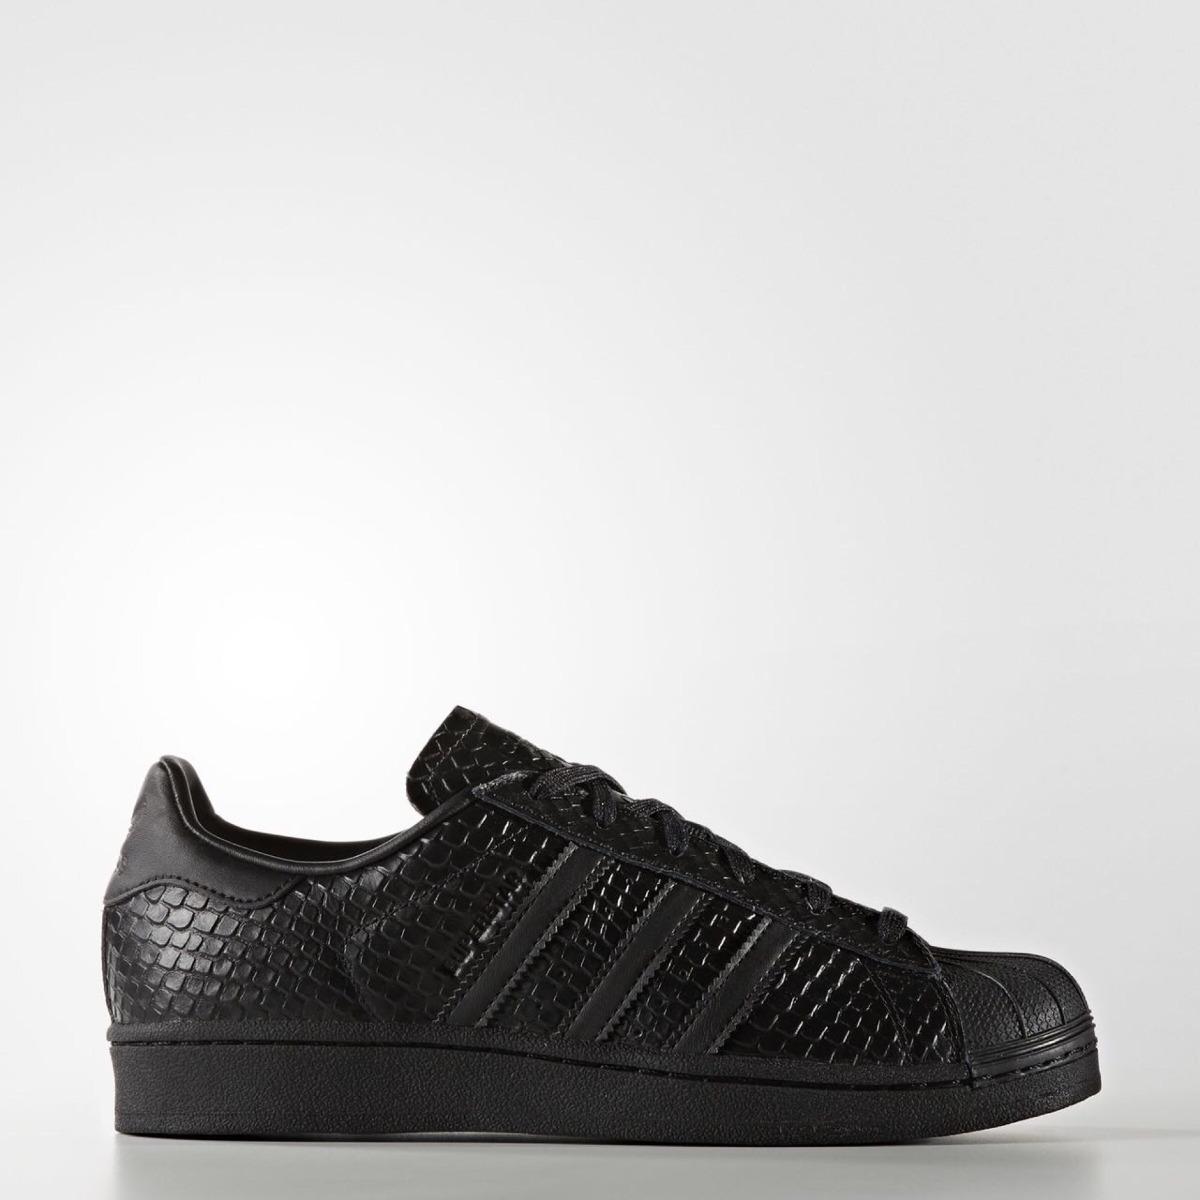 32d1b6a62f2 zapatillas adidas originals superstar negra mujer originales. Cargando zoom.